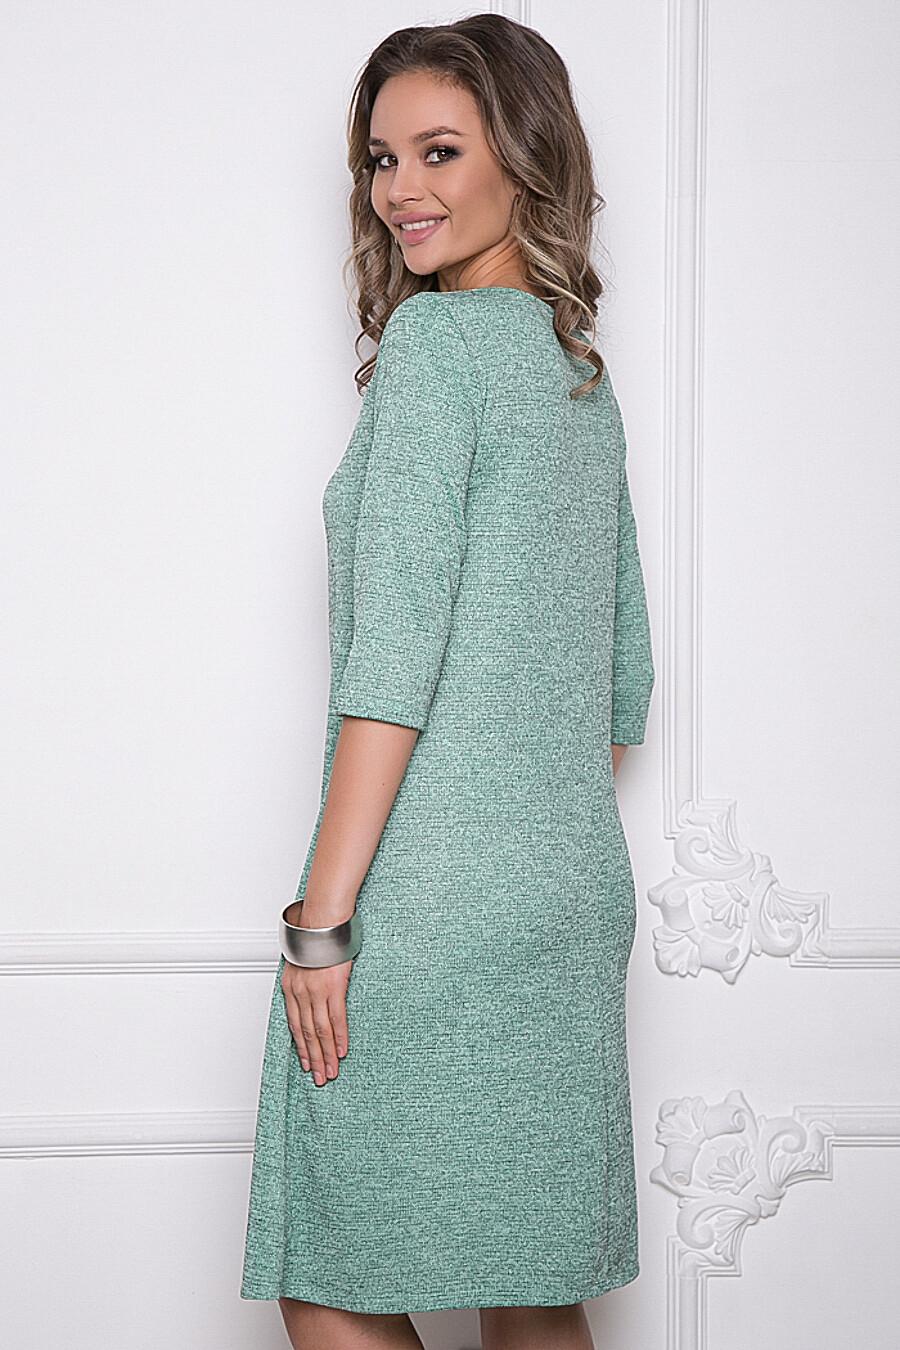 Платье Палау BELLOVERA (272470), купить в Moyo.moda